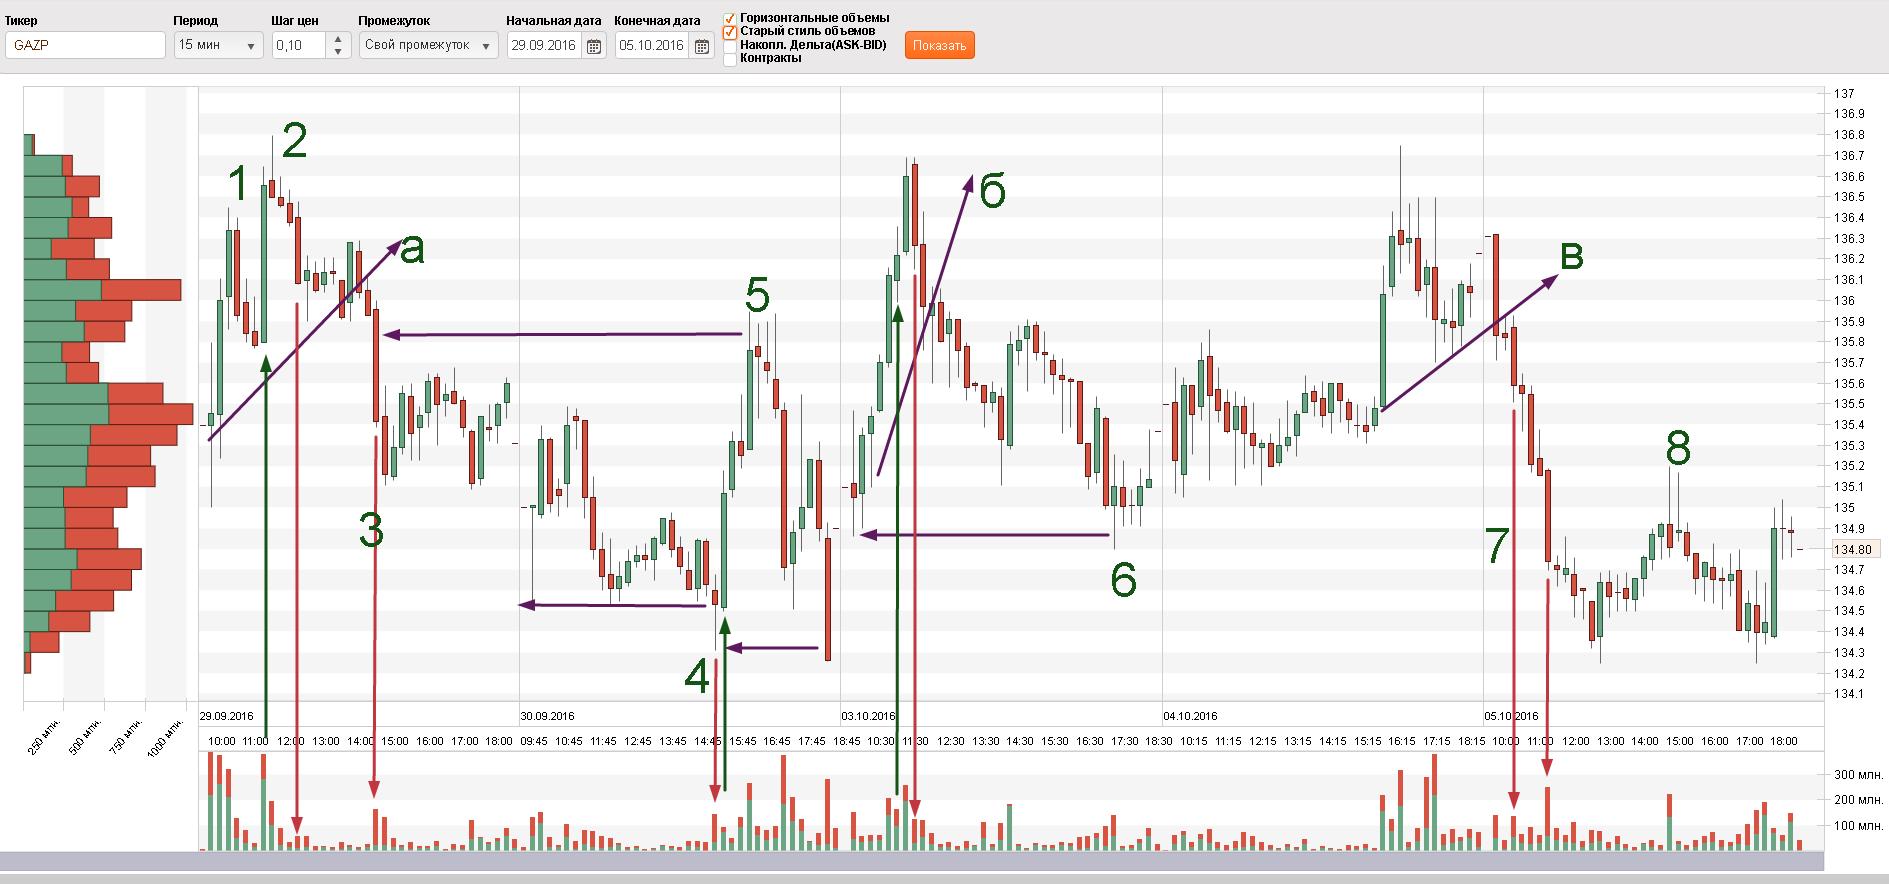 Прогноз цены акции Газпром